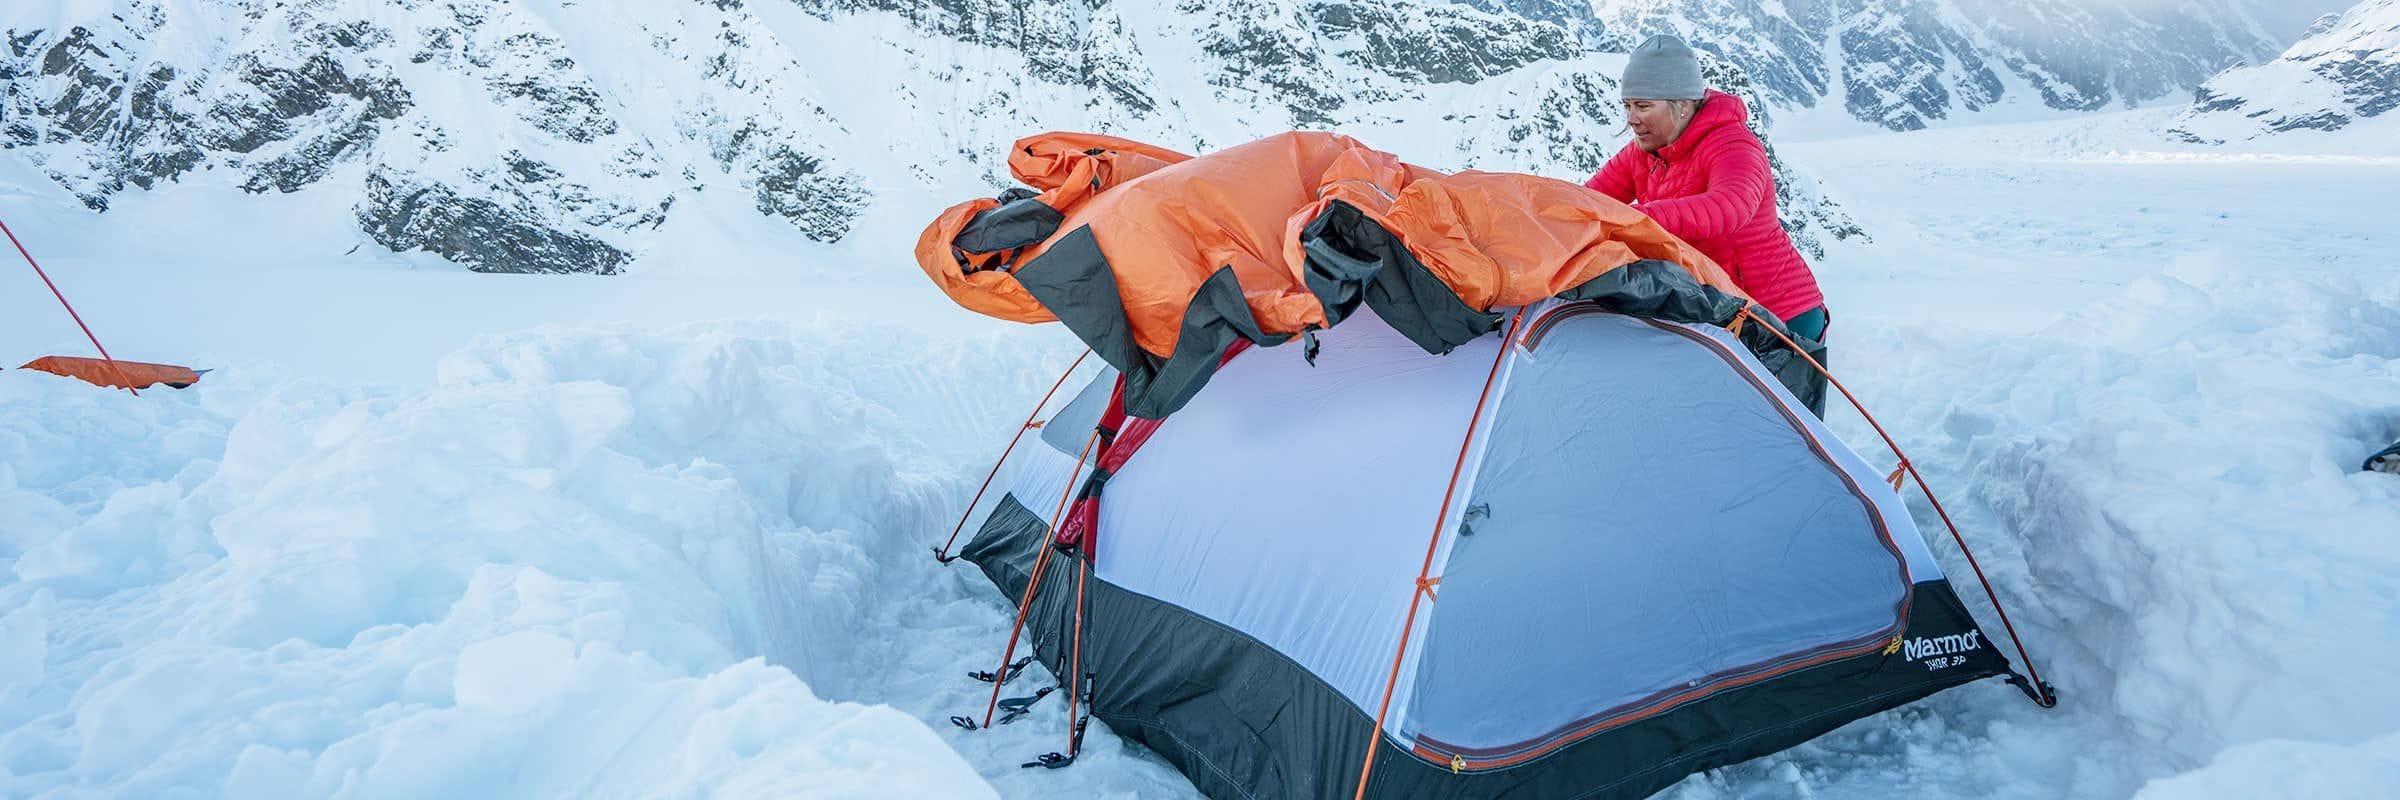 Les sacs de couchage les plus chauds de Marmot